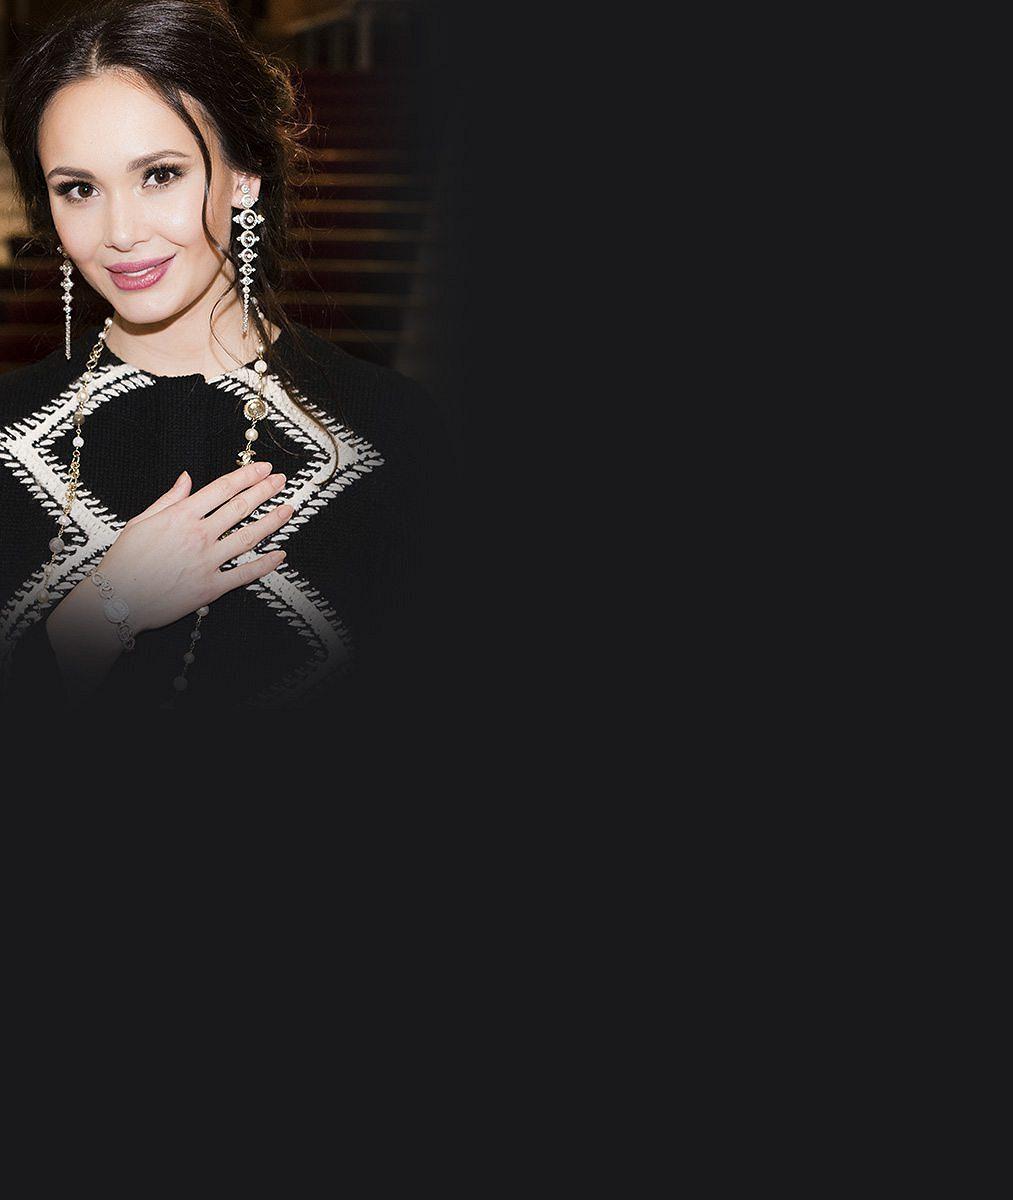 Má tvář i hlas anděla. Jedna z nejkrásnějších operních pěvkyň světa vystoupila v Praze zahalená luxusem